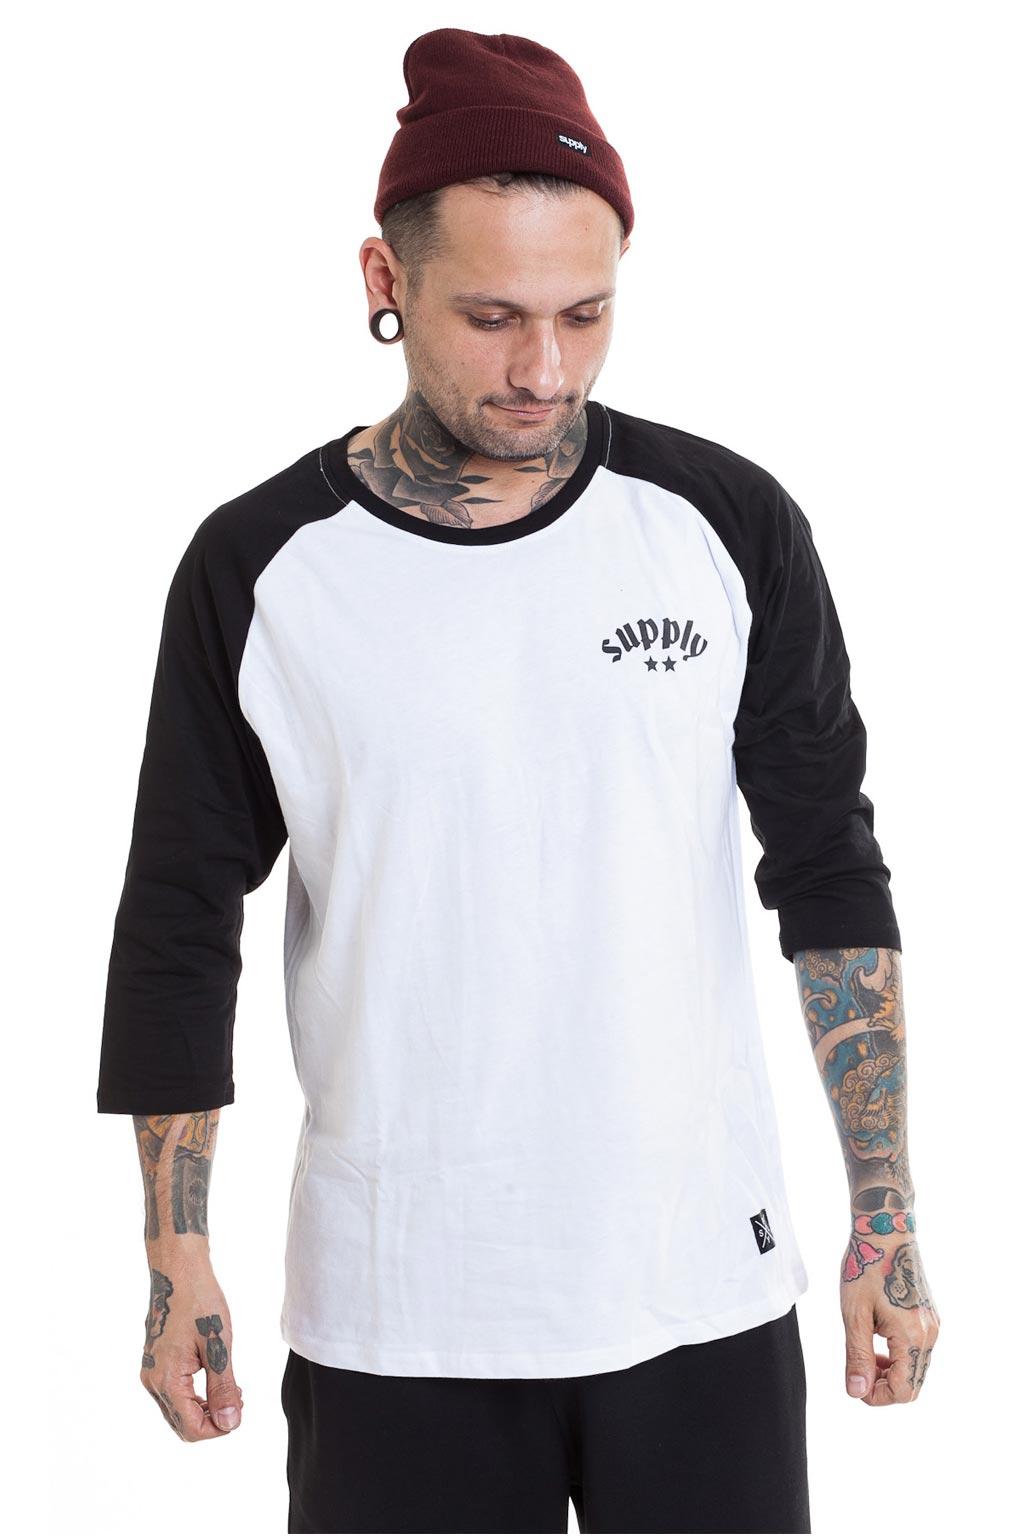 חולצת בייזבול SUPPLY - שחור ולבן